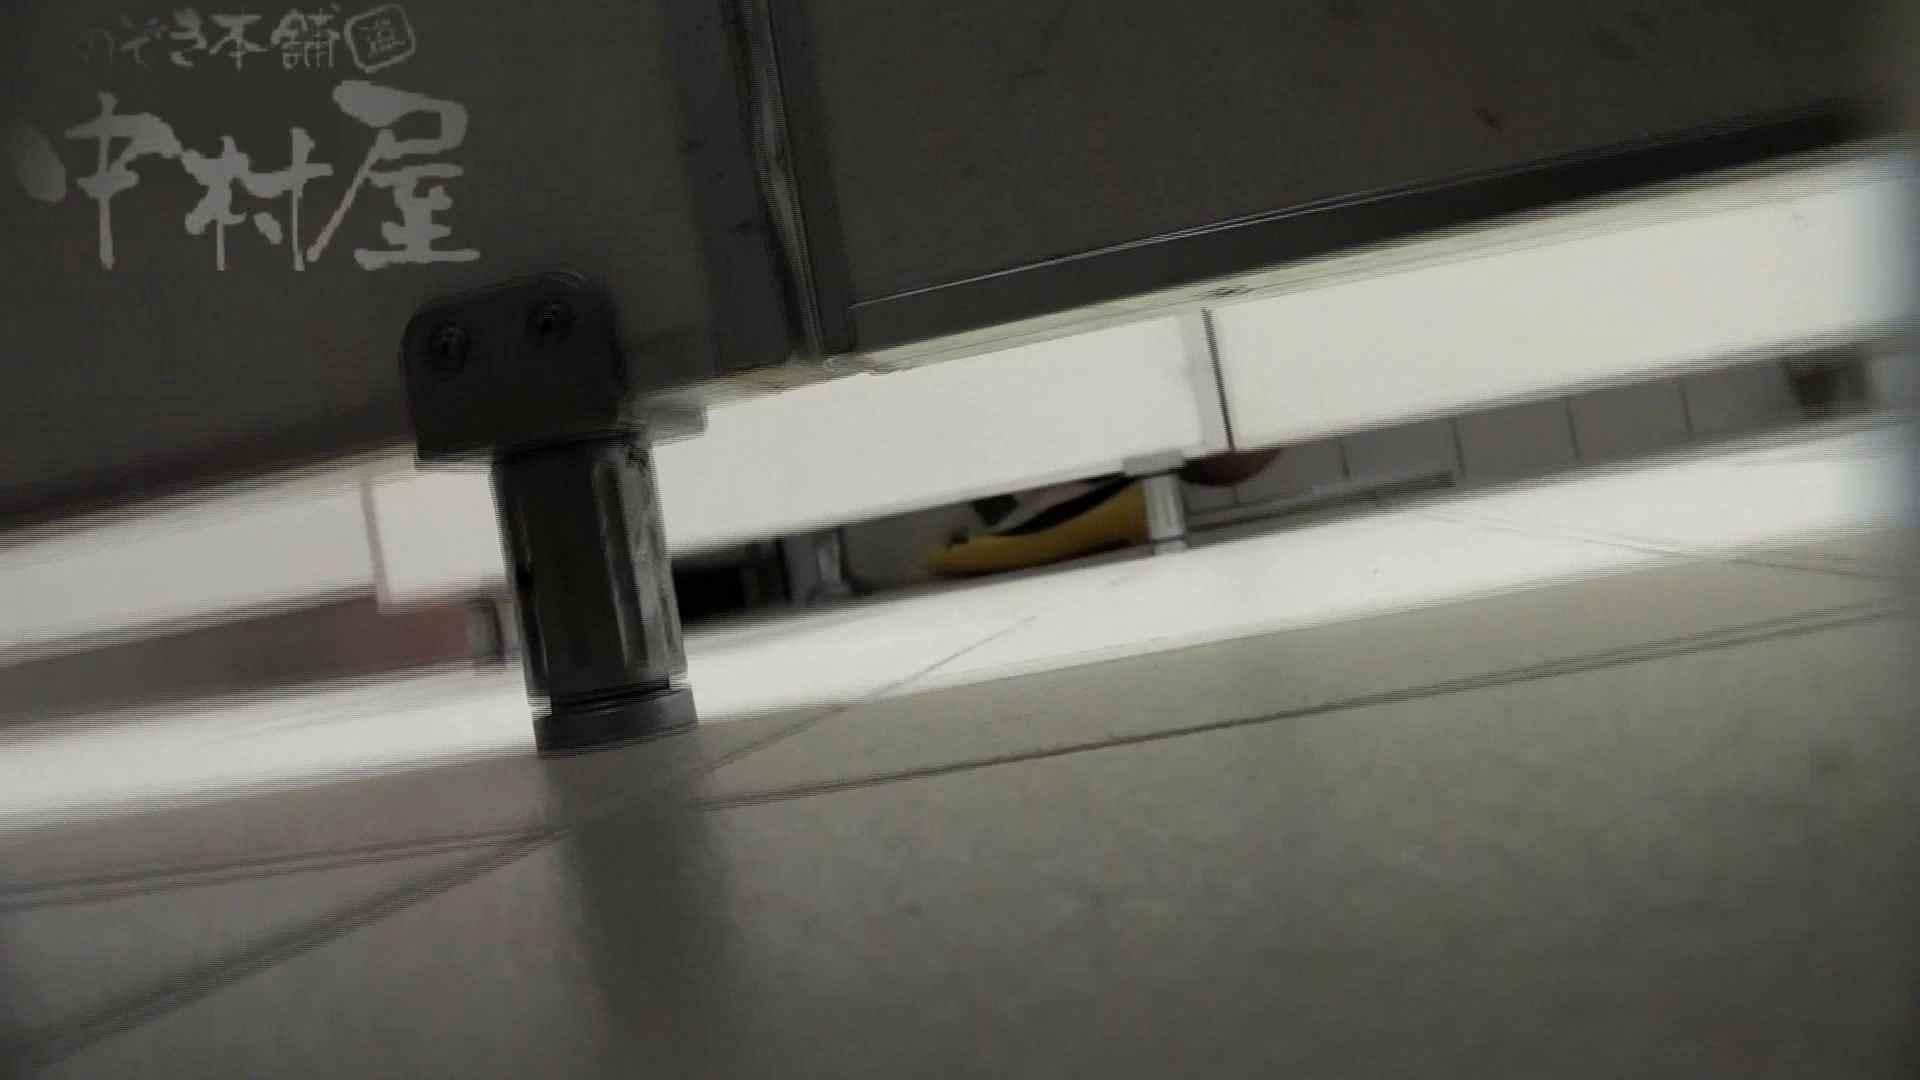 美しい日本の未来 No.33 黒パンをやっと下げる? 乙女エロ画像 盗撮動画紹介 109PICs 94